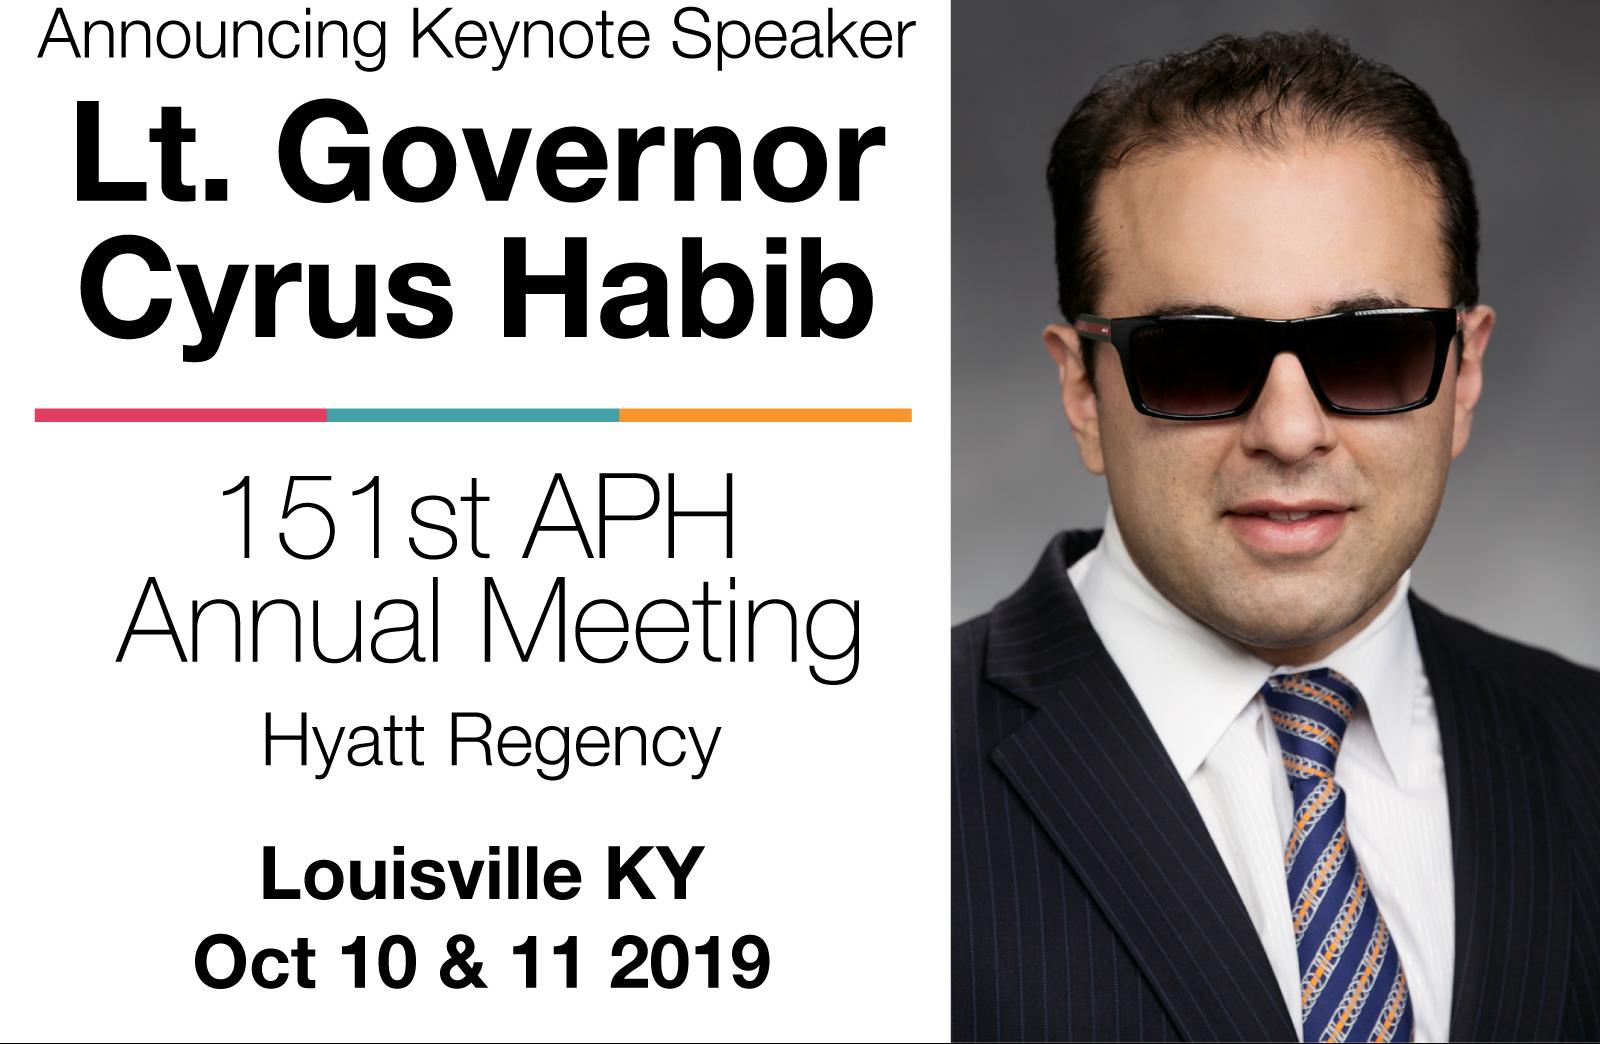 Announcing Keynote Speaker Lt. Gov. Cyrus Habib 151st APH Annual Meeting Hyatt Regency Lou KY Oct. 10 & 11 2019